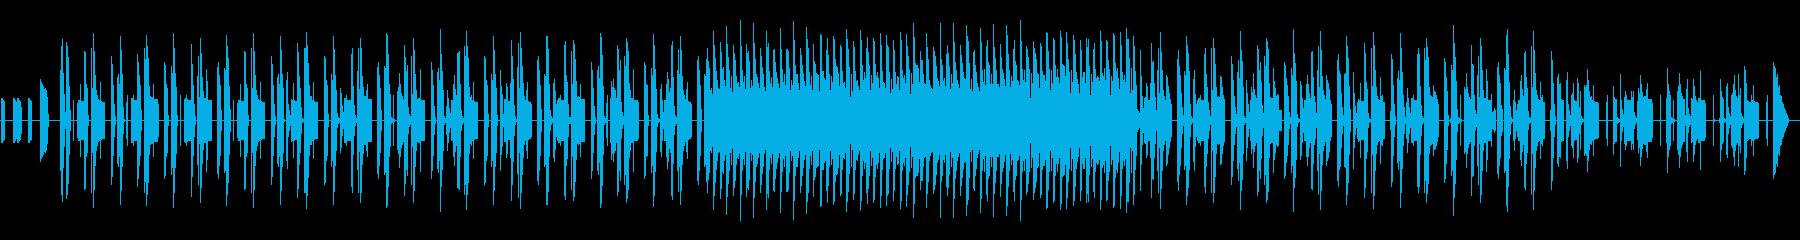 ★レトロアーケードゲーム的チップチューンの再生済みの波形